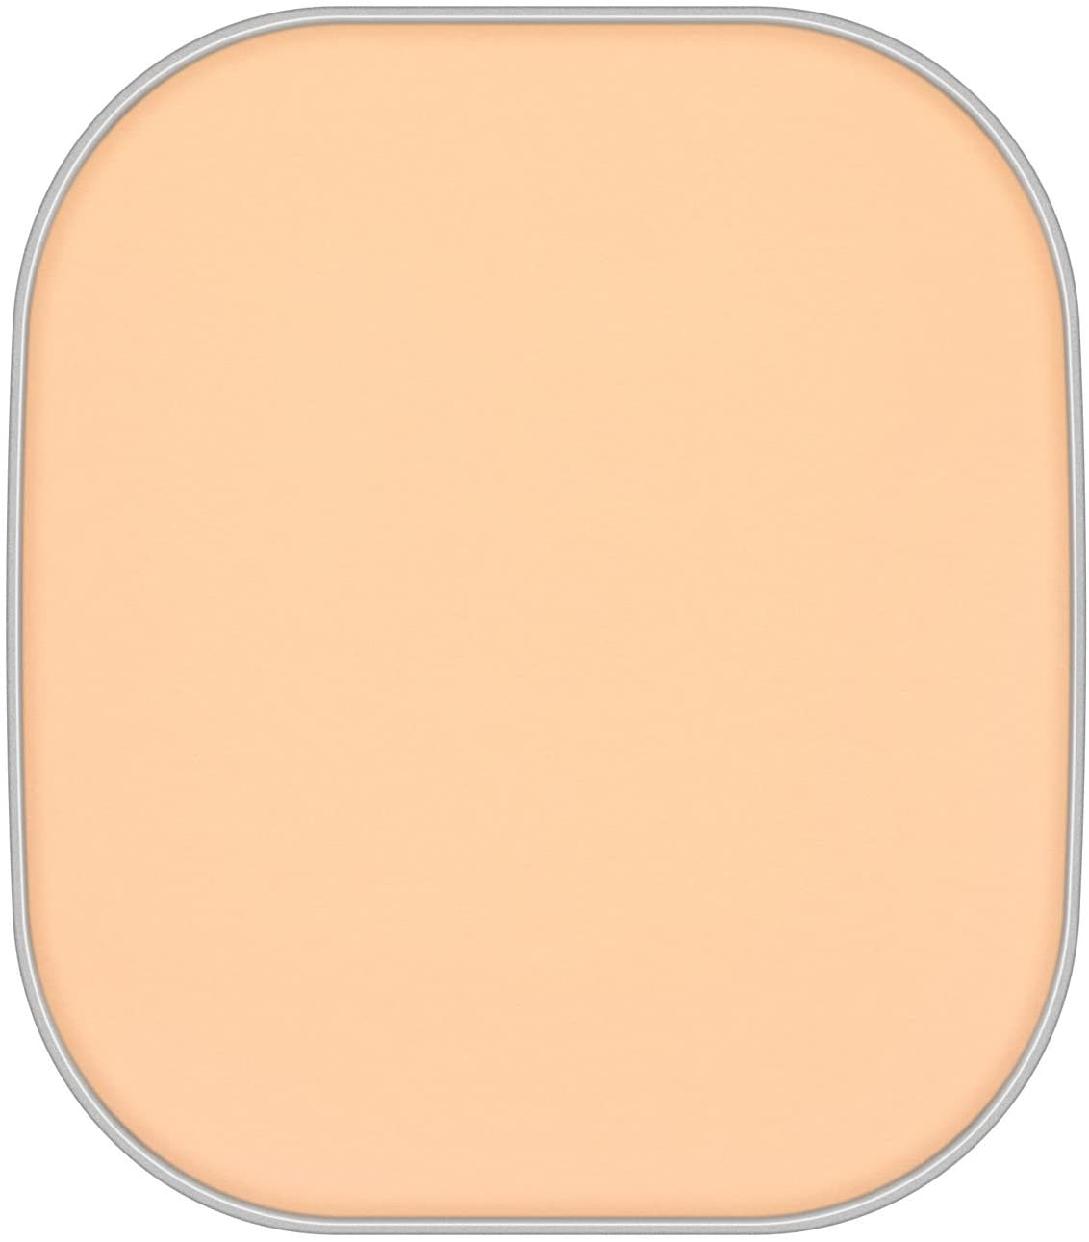 KATE(ケイト) パウダーシークレットスキンメイカーゼロの商品画像10